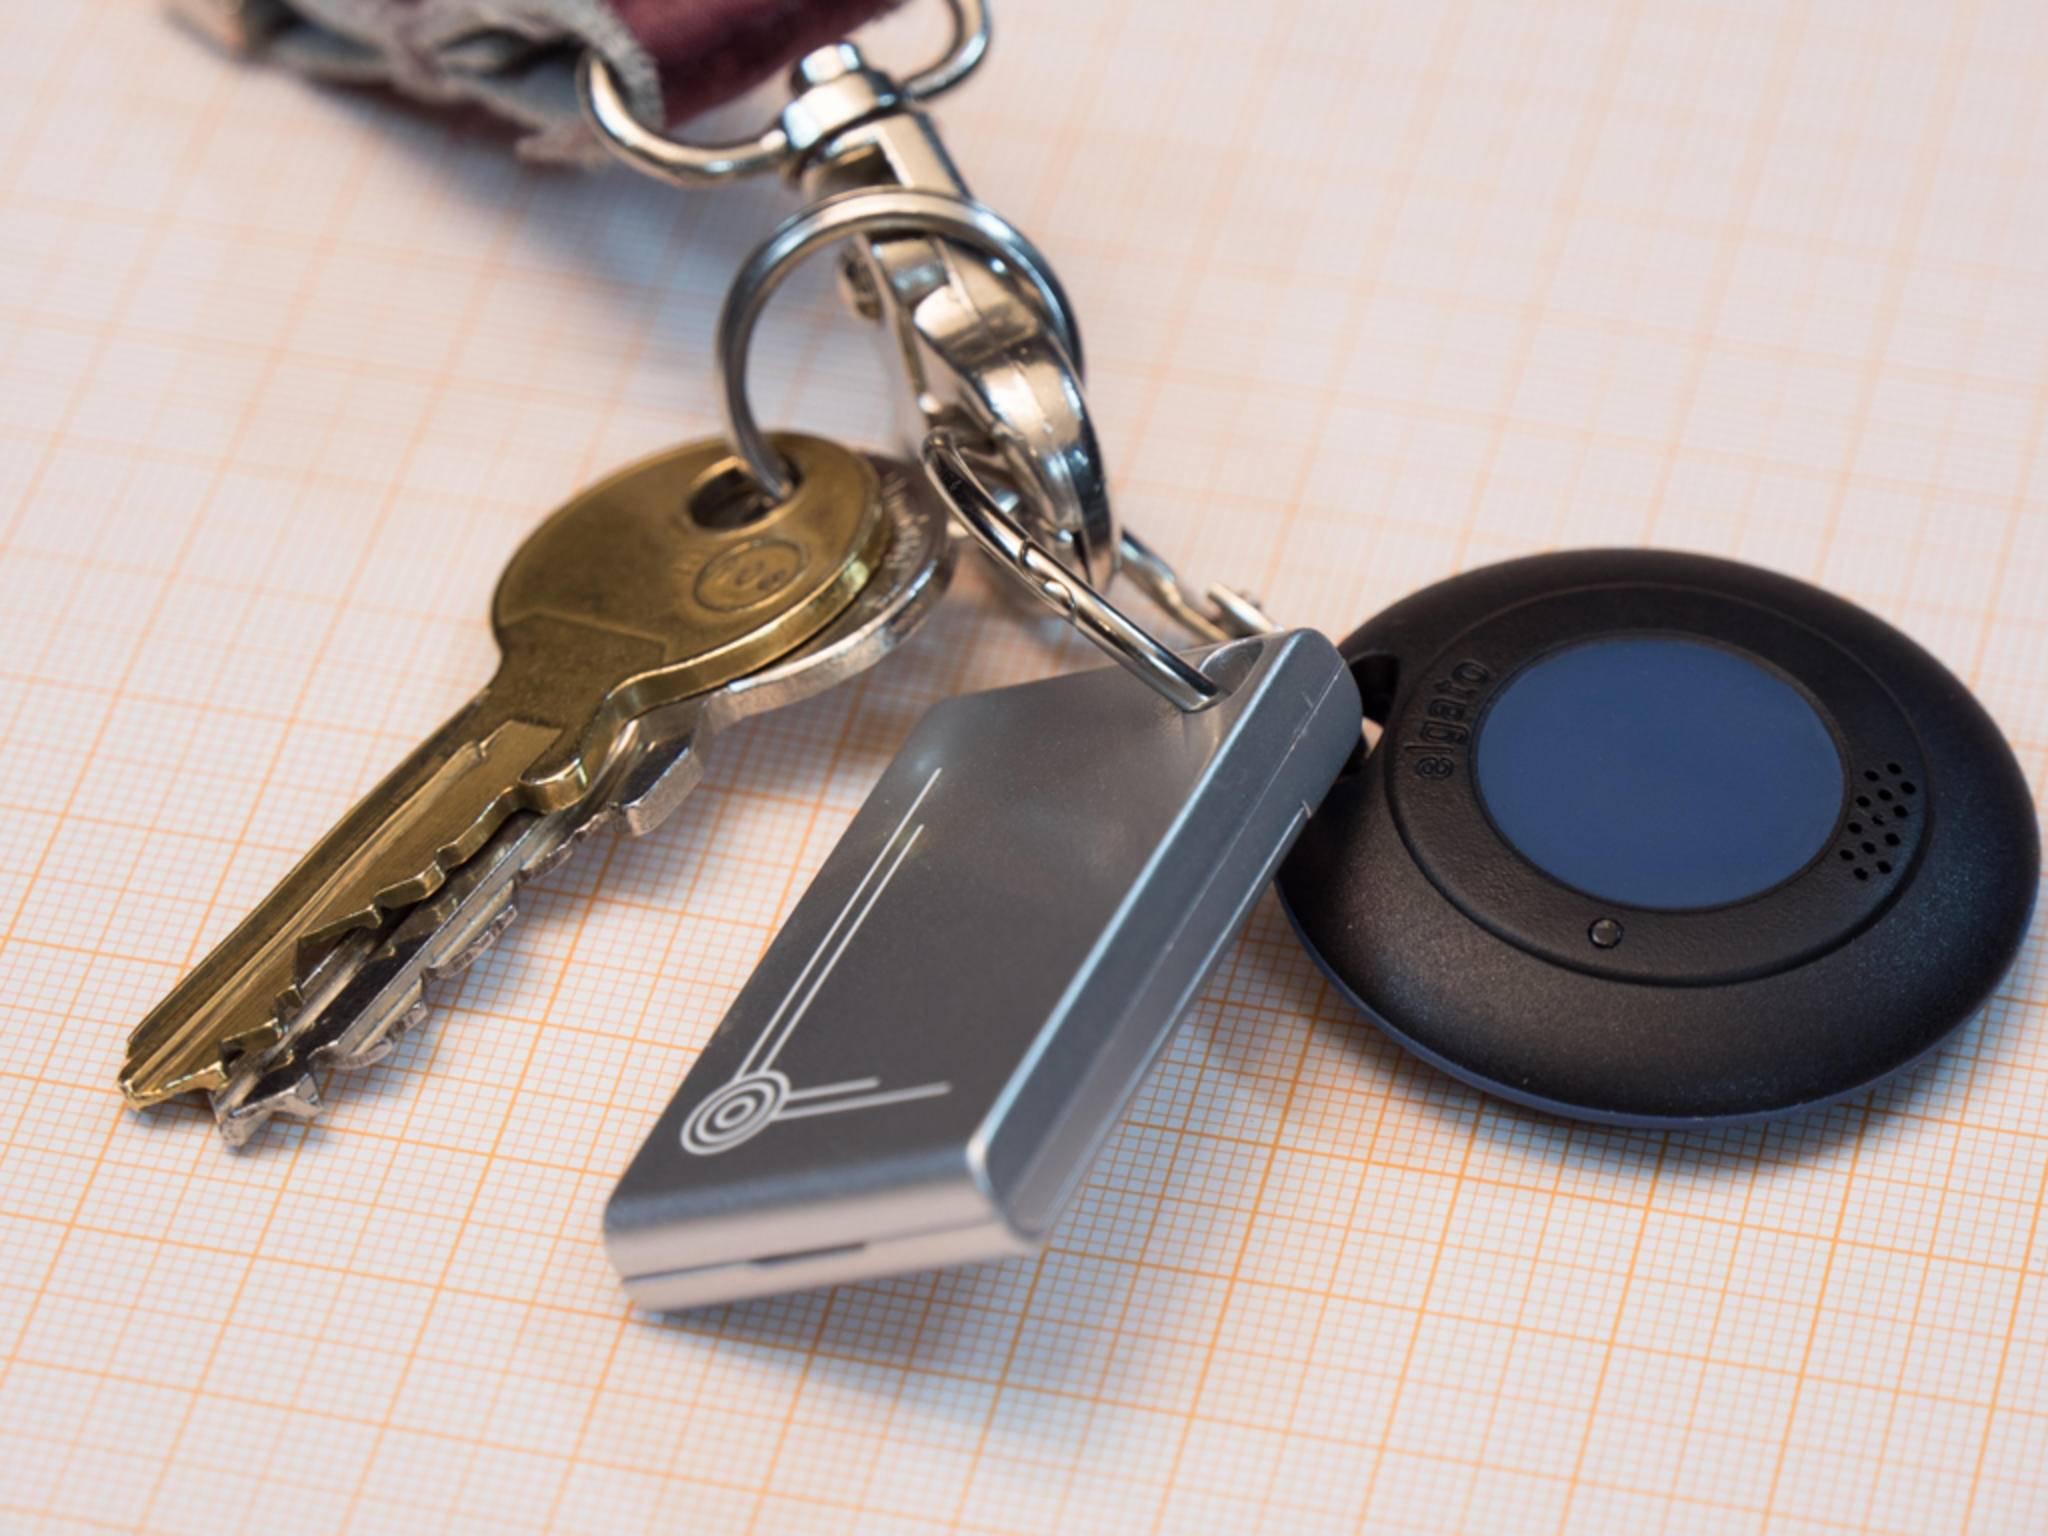 Smart Key und Gatekeeper passen perfekt an den Schlüsselbund.